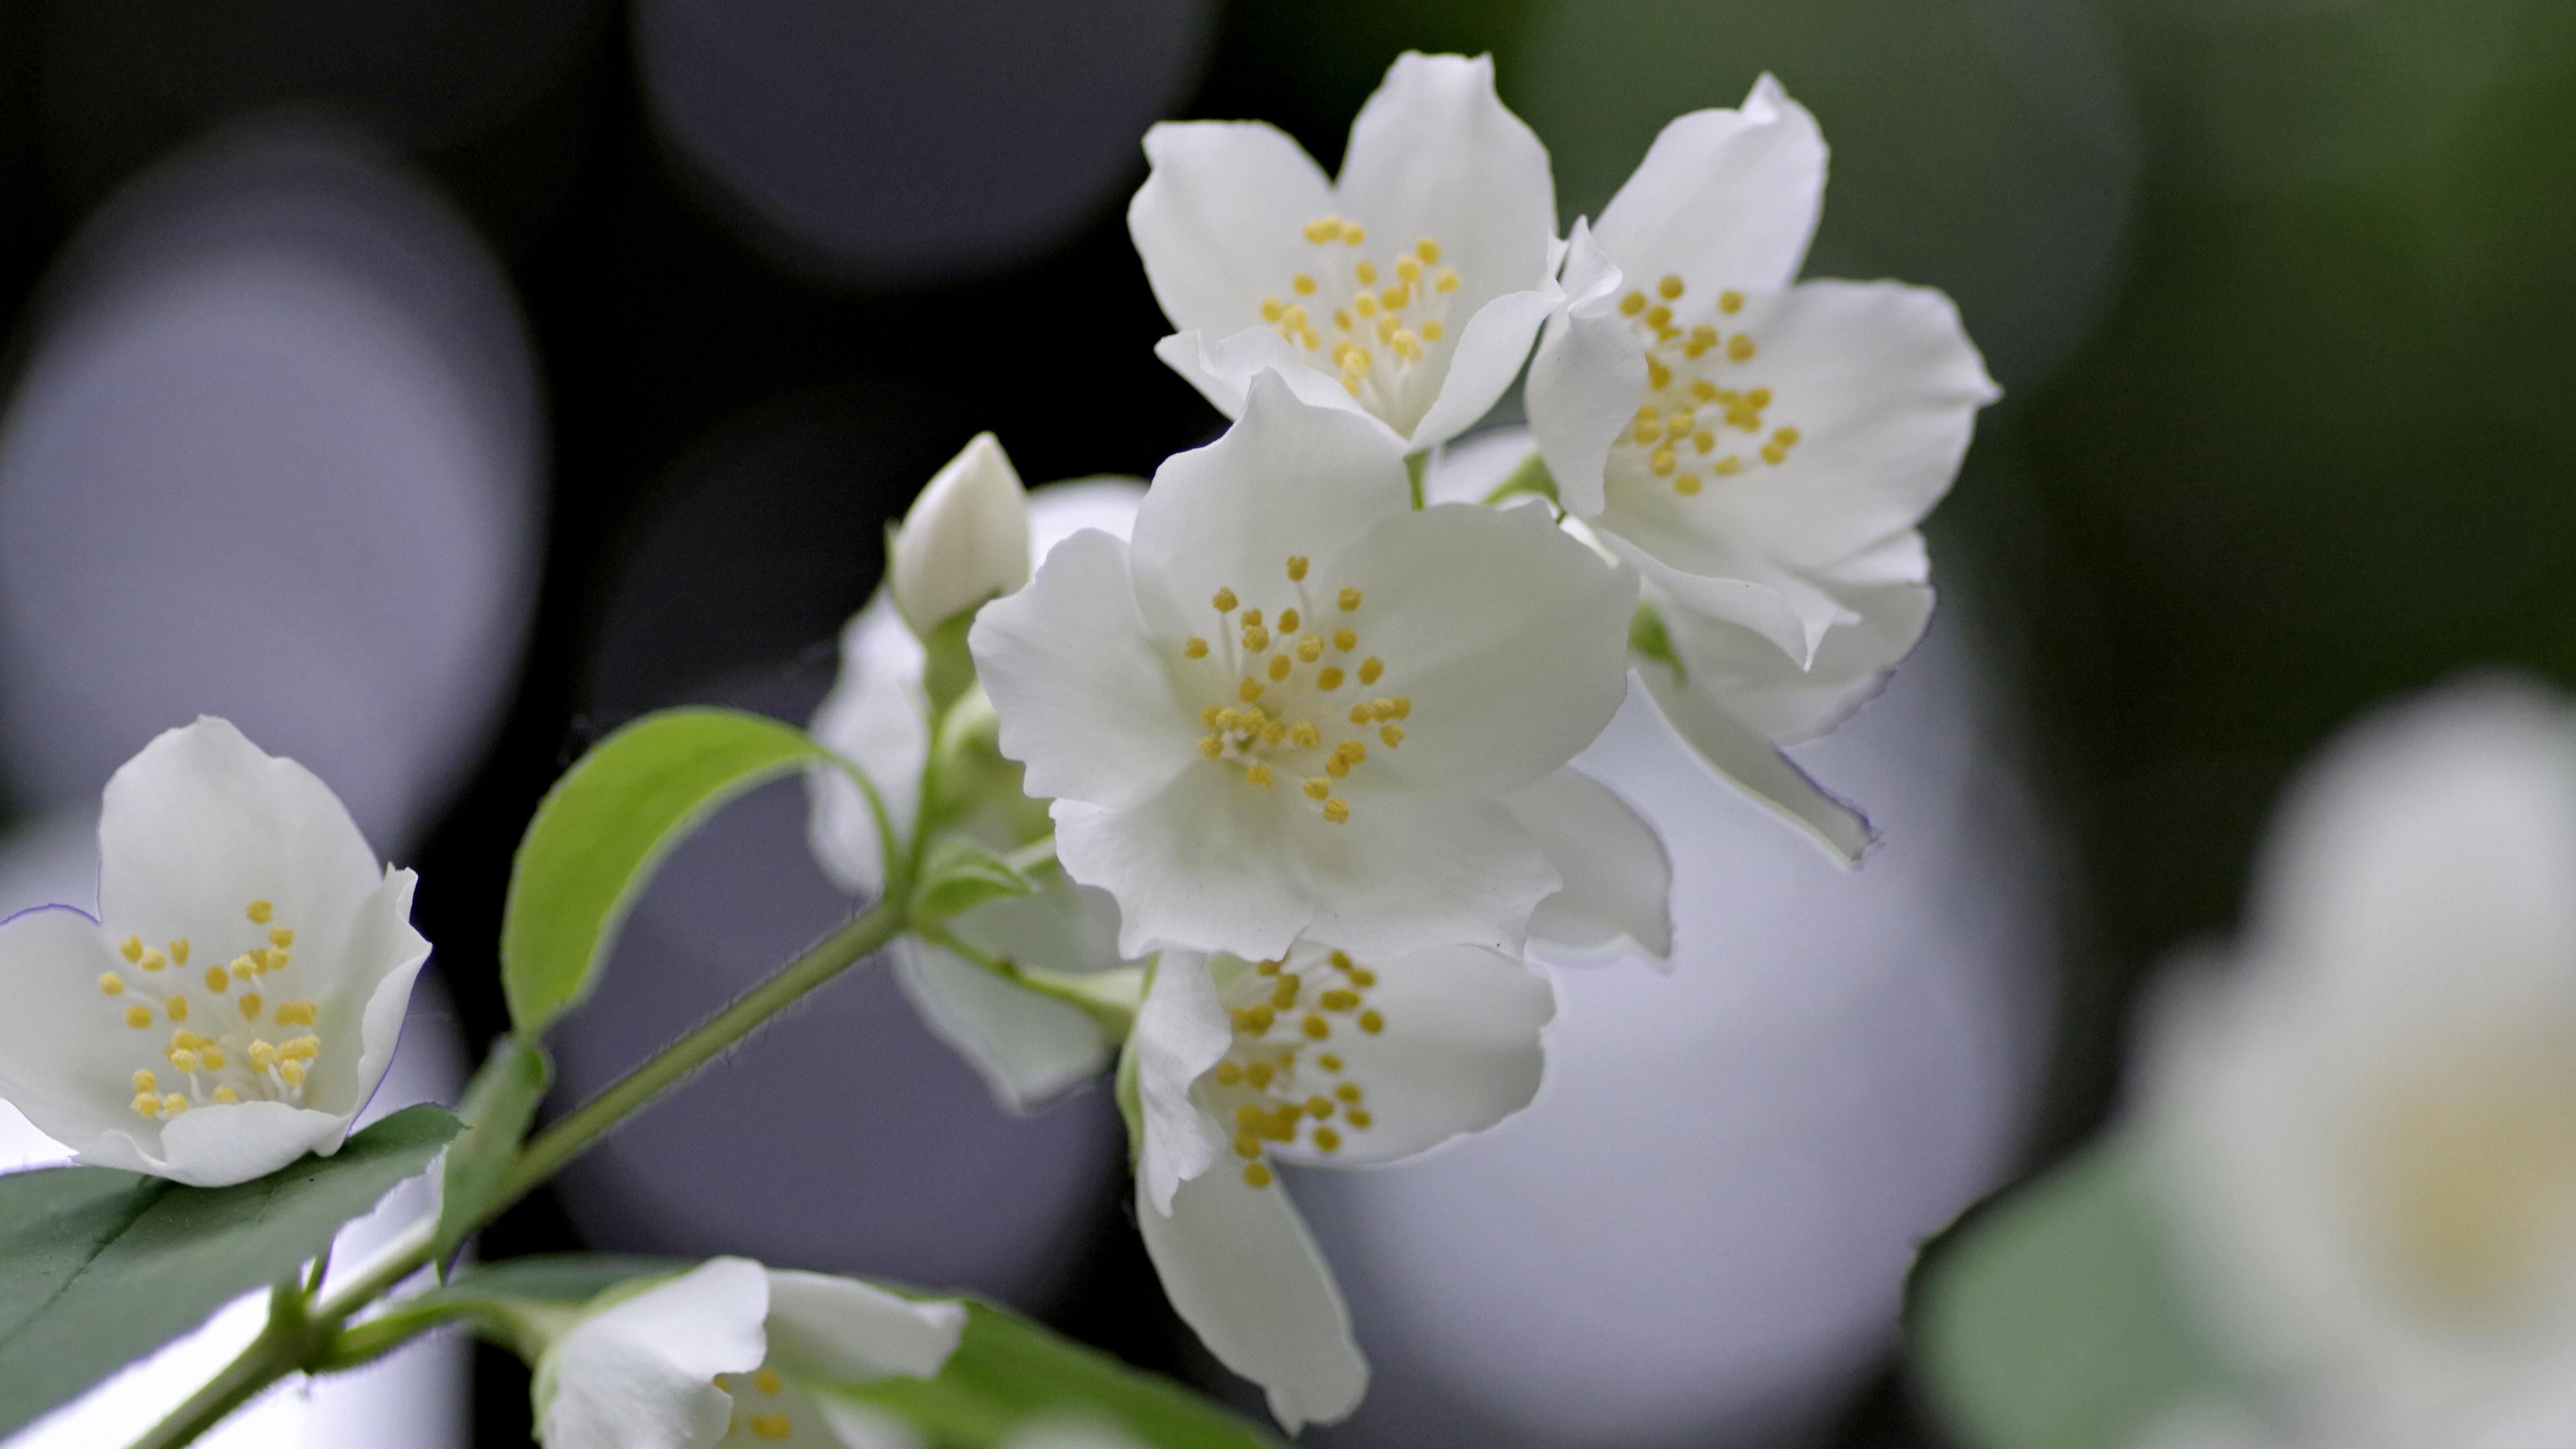 带着淡淡的清香的茉莉花图片欣赏